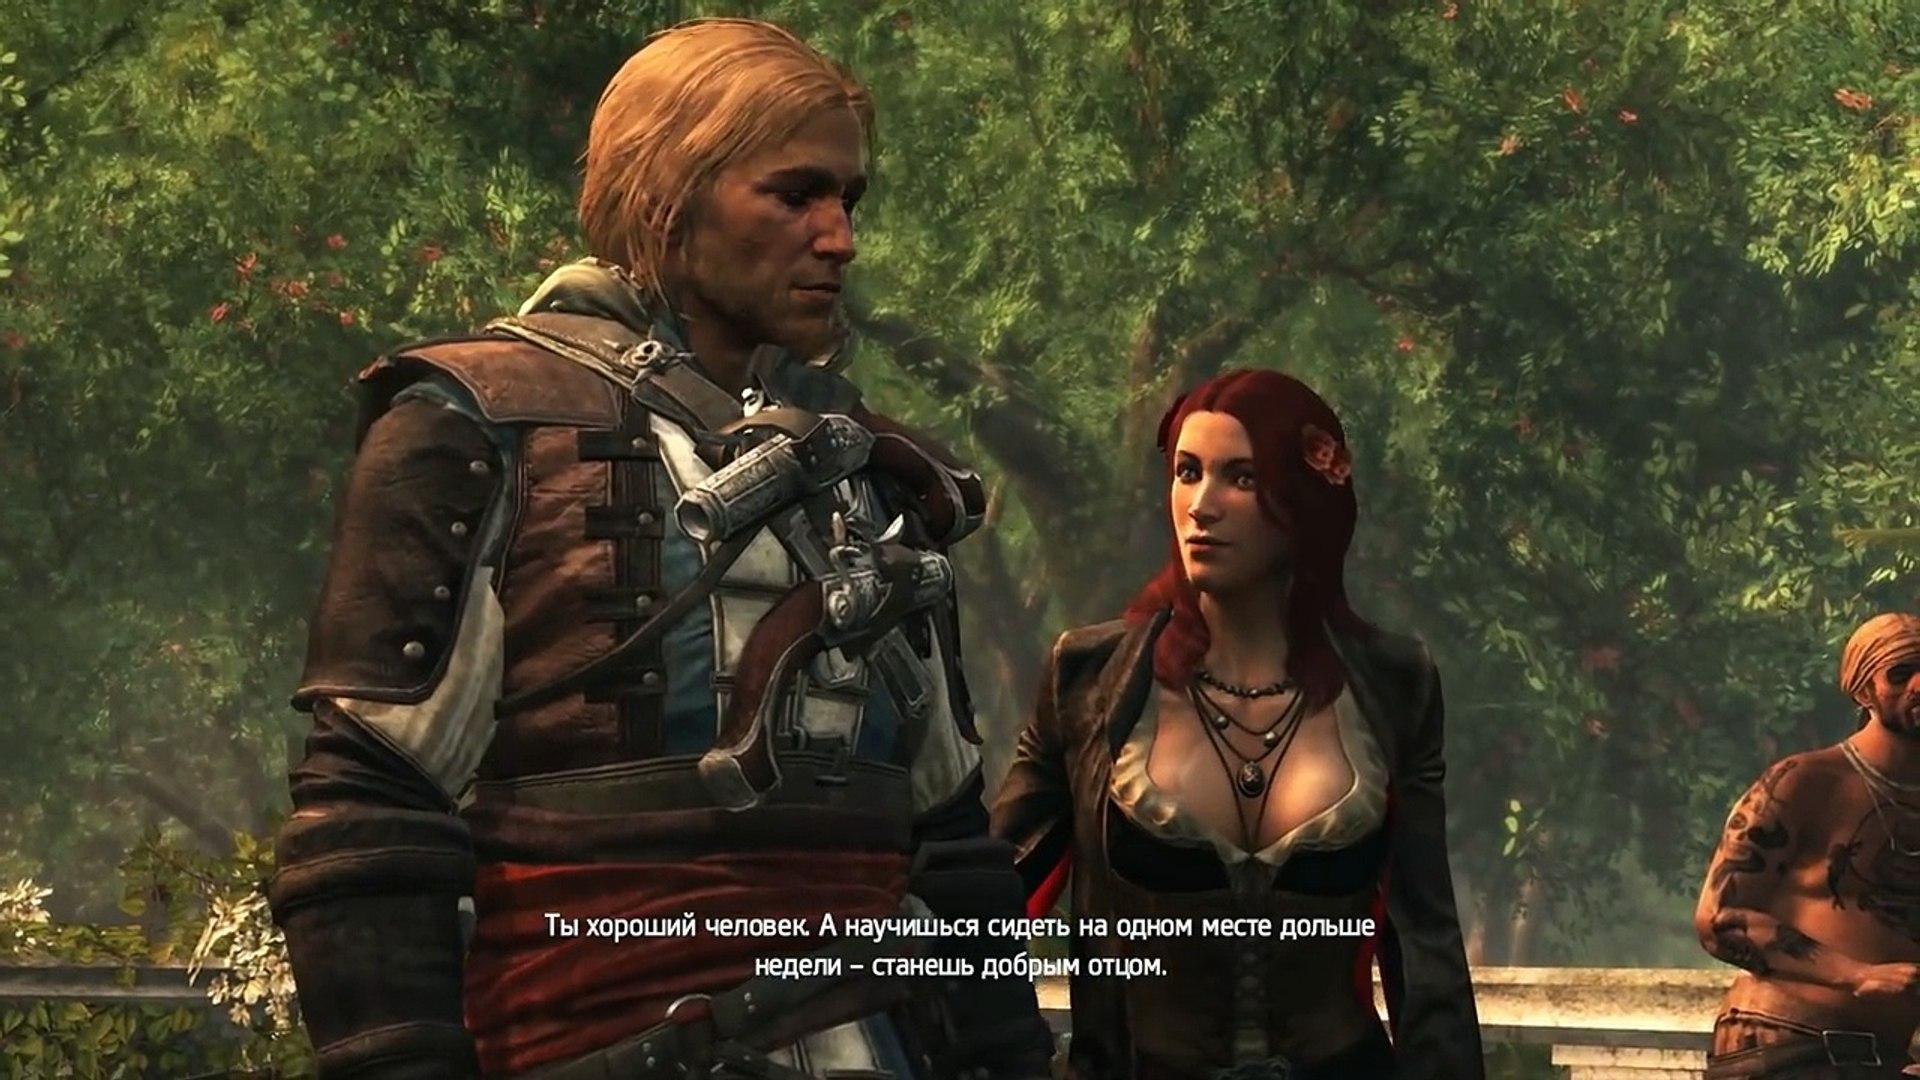 Assassins Creed 4: Black Flag - Прохождение на русском [#48] Финал